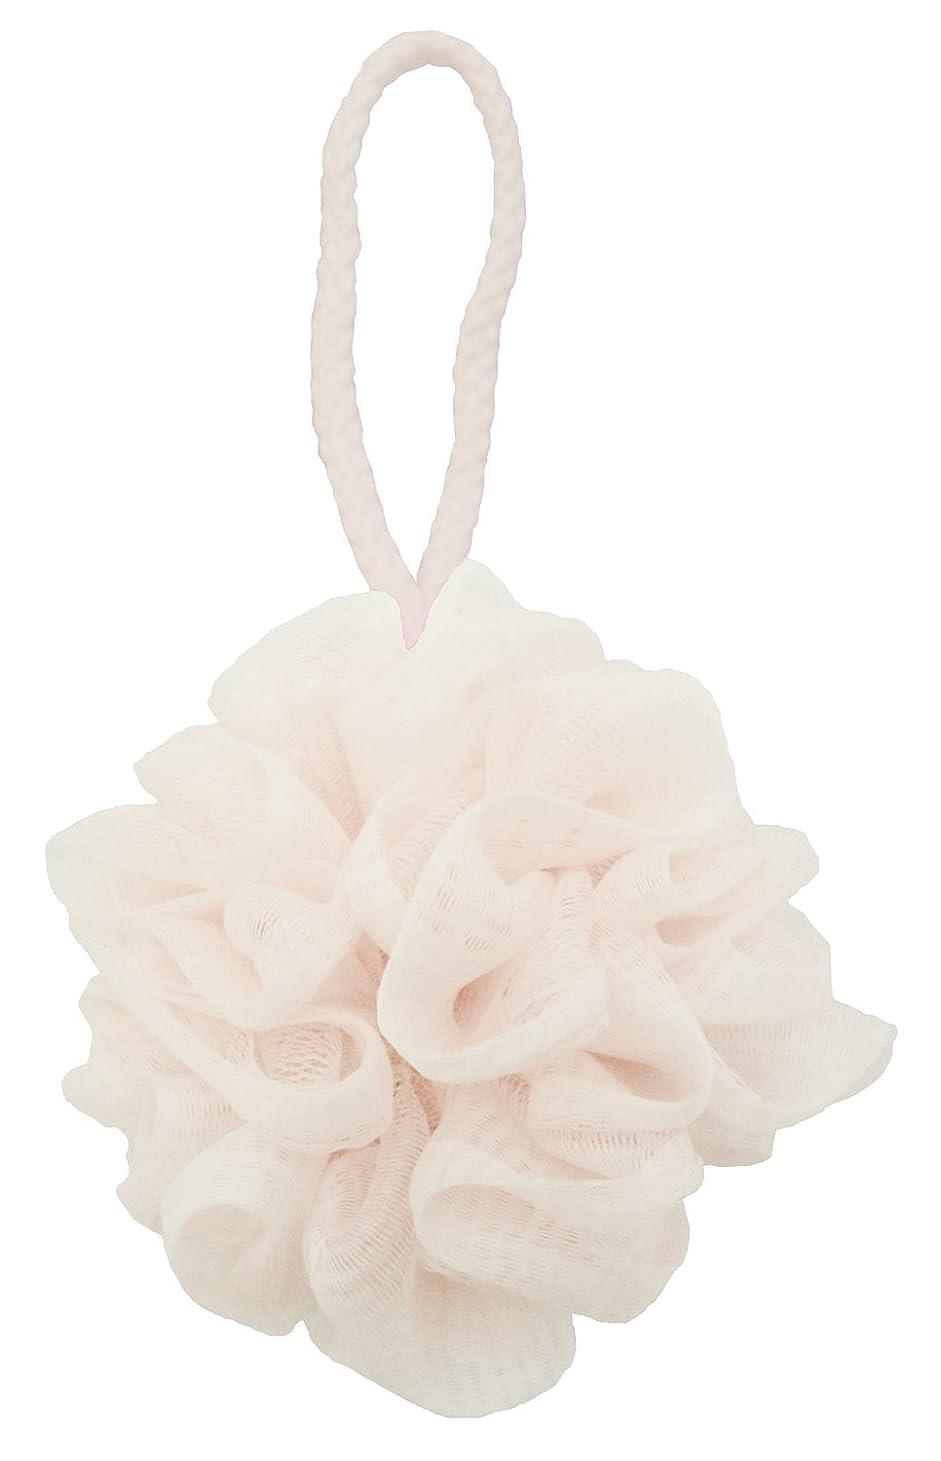 示すメンバー現実セント?ローレ 泡立てネット 泡肌美人 ふわわん 花形 ホワイト SL262